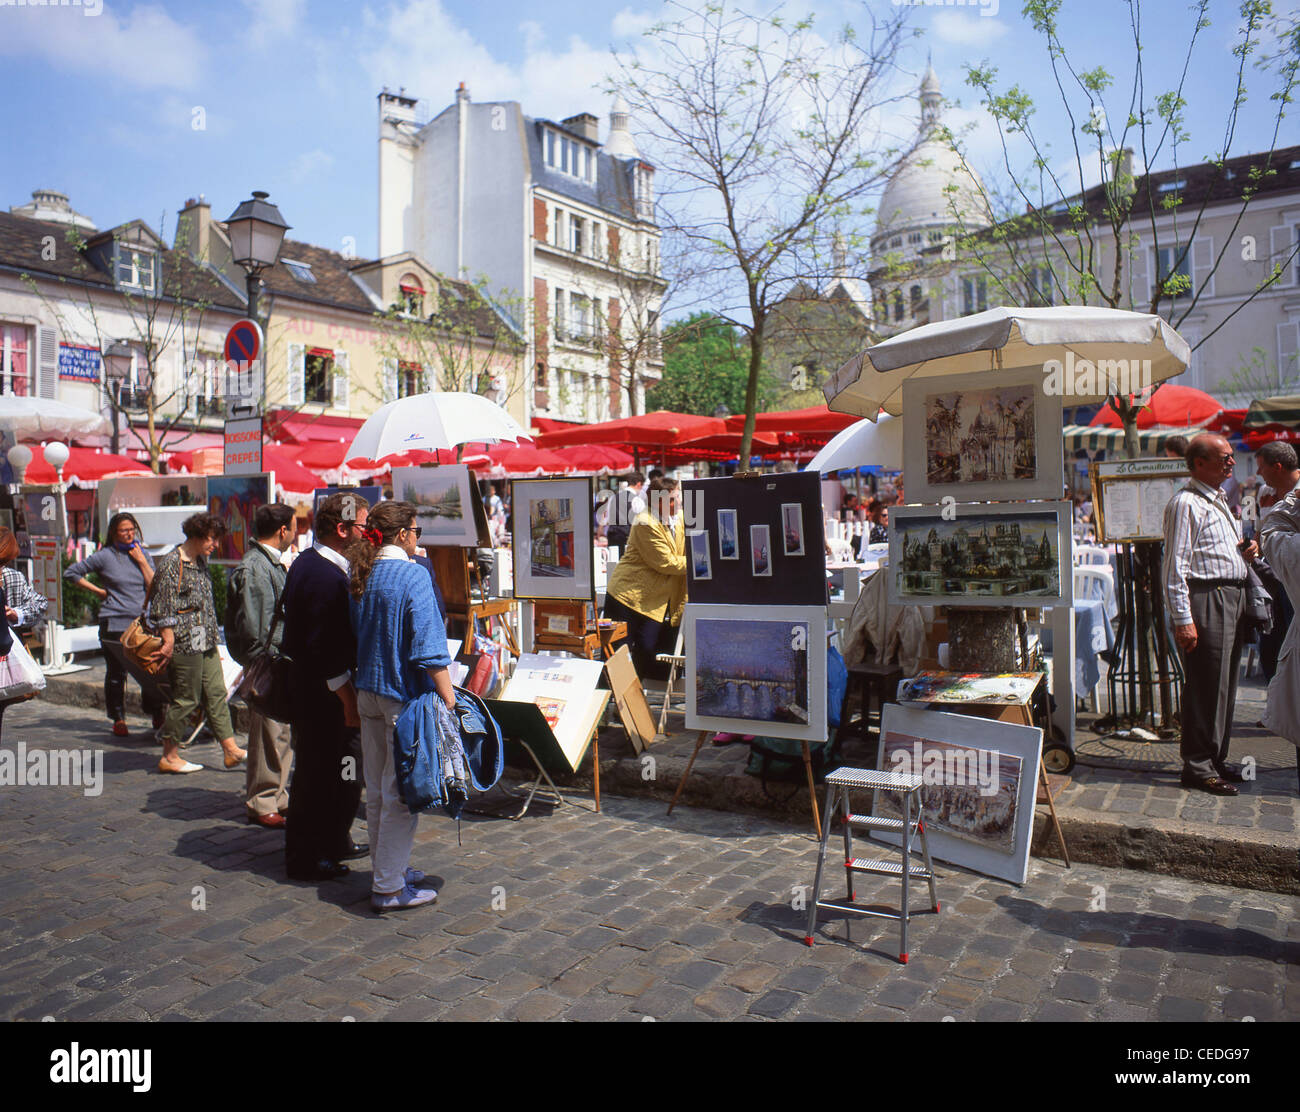 Artist stalls in Place du Tertre, Montmartre, Paris, Île-de-France, France - Stock Image